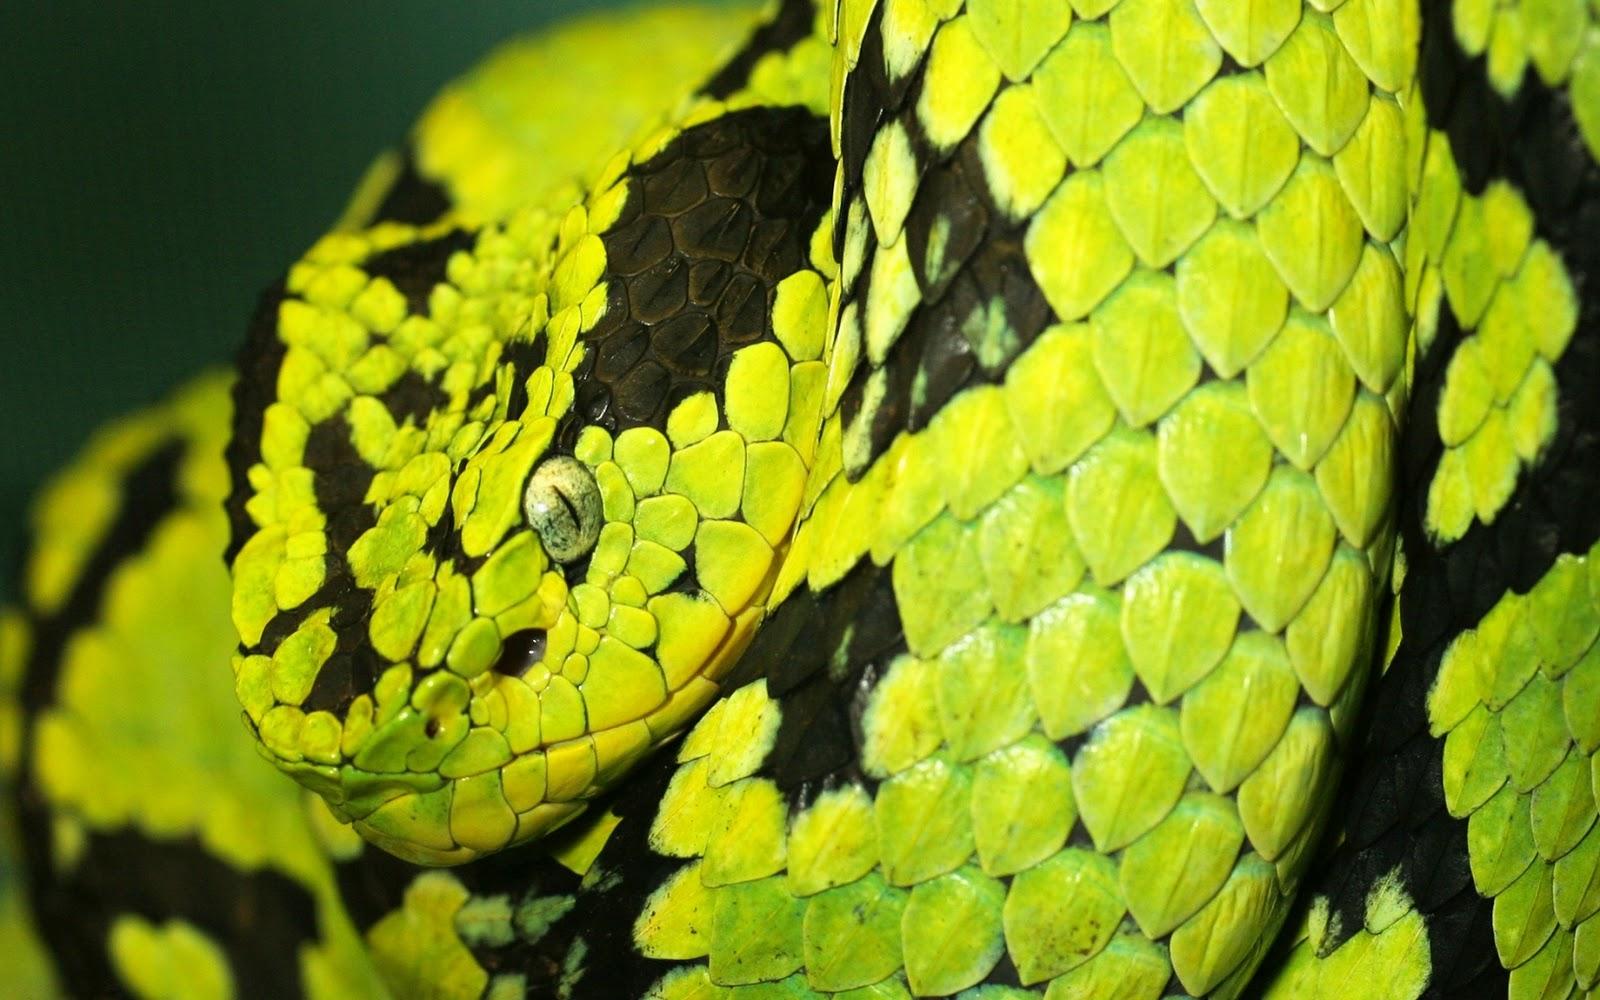 Christianhdwallpaper snak wallpaper - Green snake hd wallpaper ...